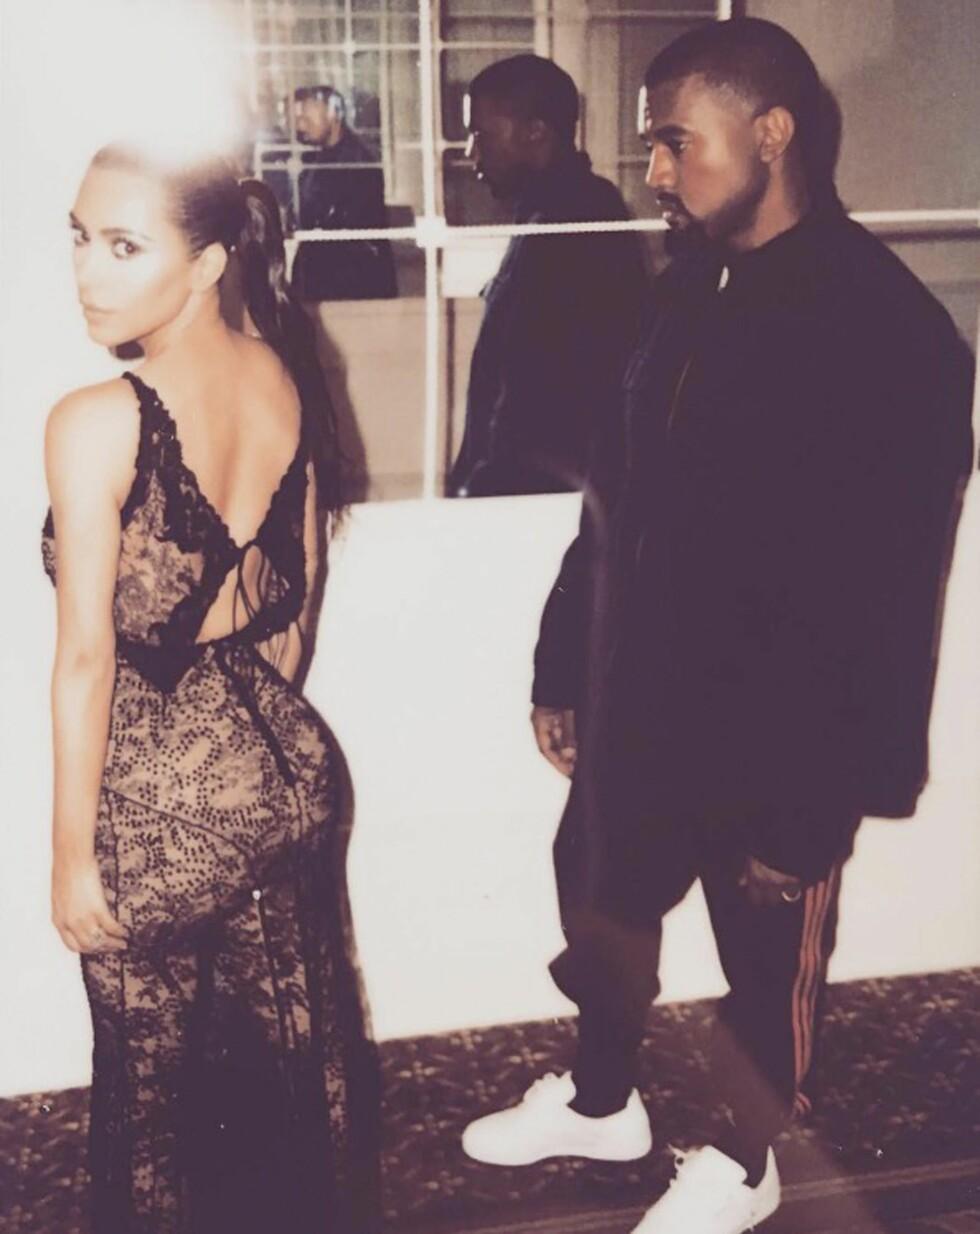 DRAMATISK: Både Kim Kardashian og Kanye West har hatt noen dramatiske måneder den siste tiden.  Foto: Xposure